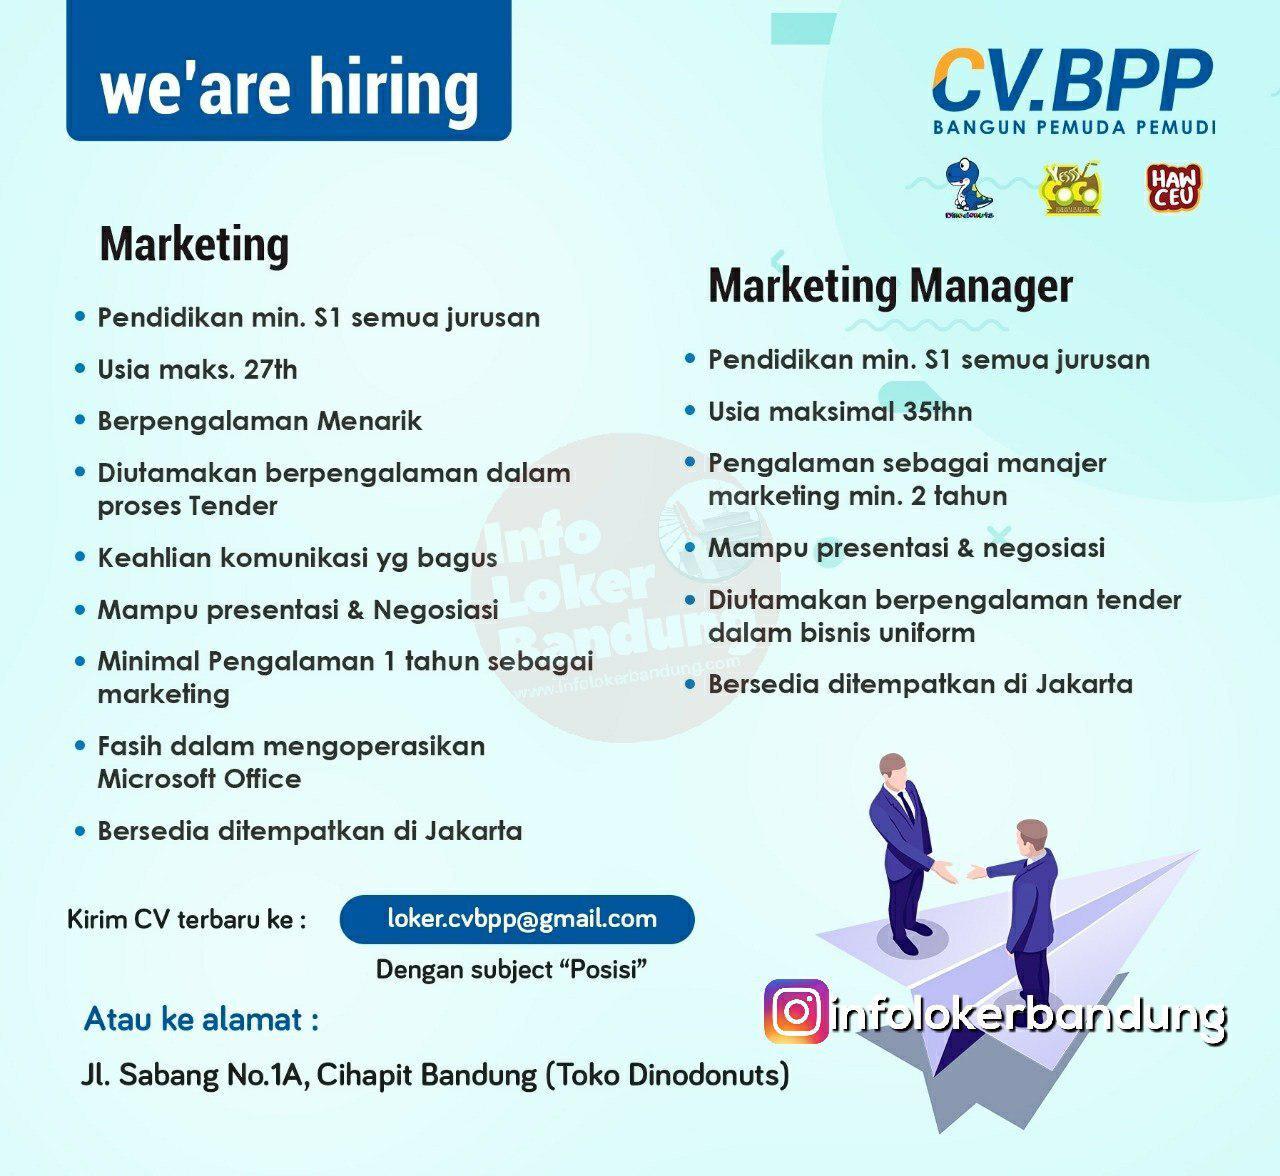 Lowongan Kerja Manager Marketing & Marketing CV BPP Bandung Januari 2019